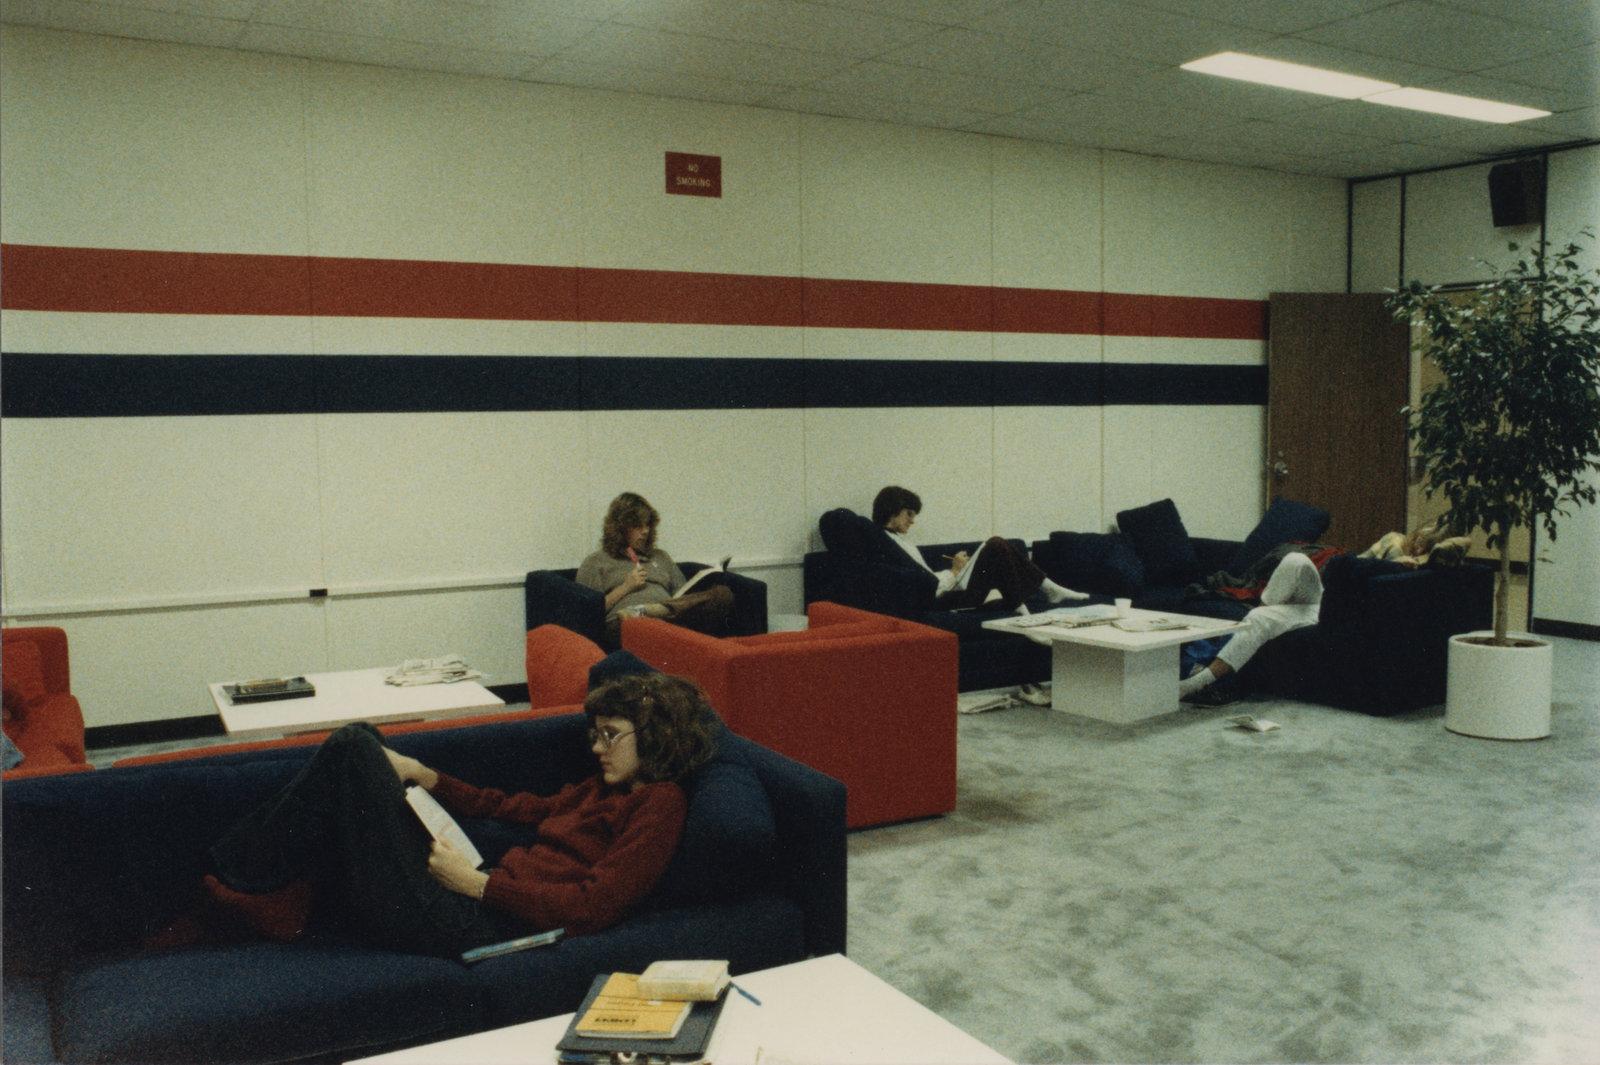 Niobe Lounge, Wilfrid Laurier University